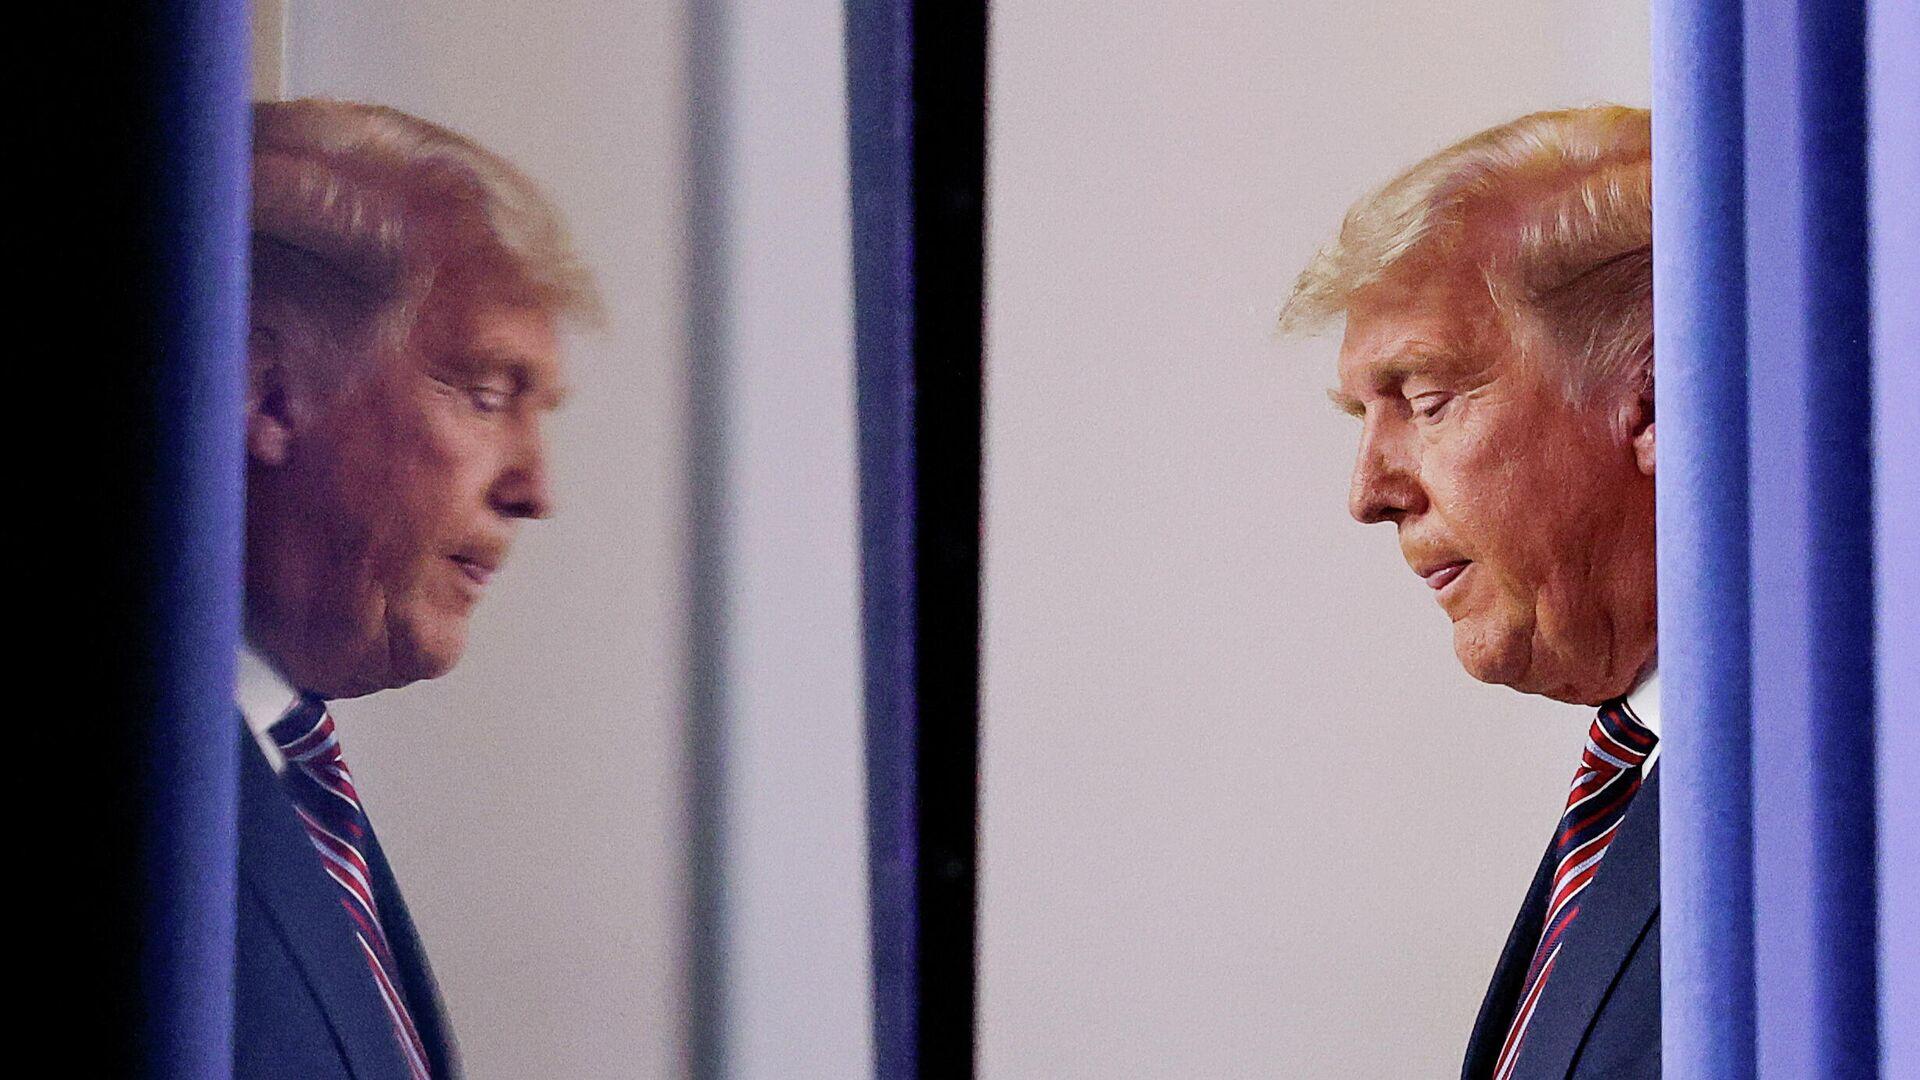 Президент США Дональд Трамп перед выступлением в Белом доме в Вашингтоне - РИА Новости, 1920, 24.11.2020